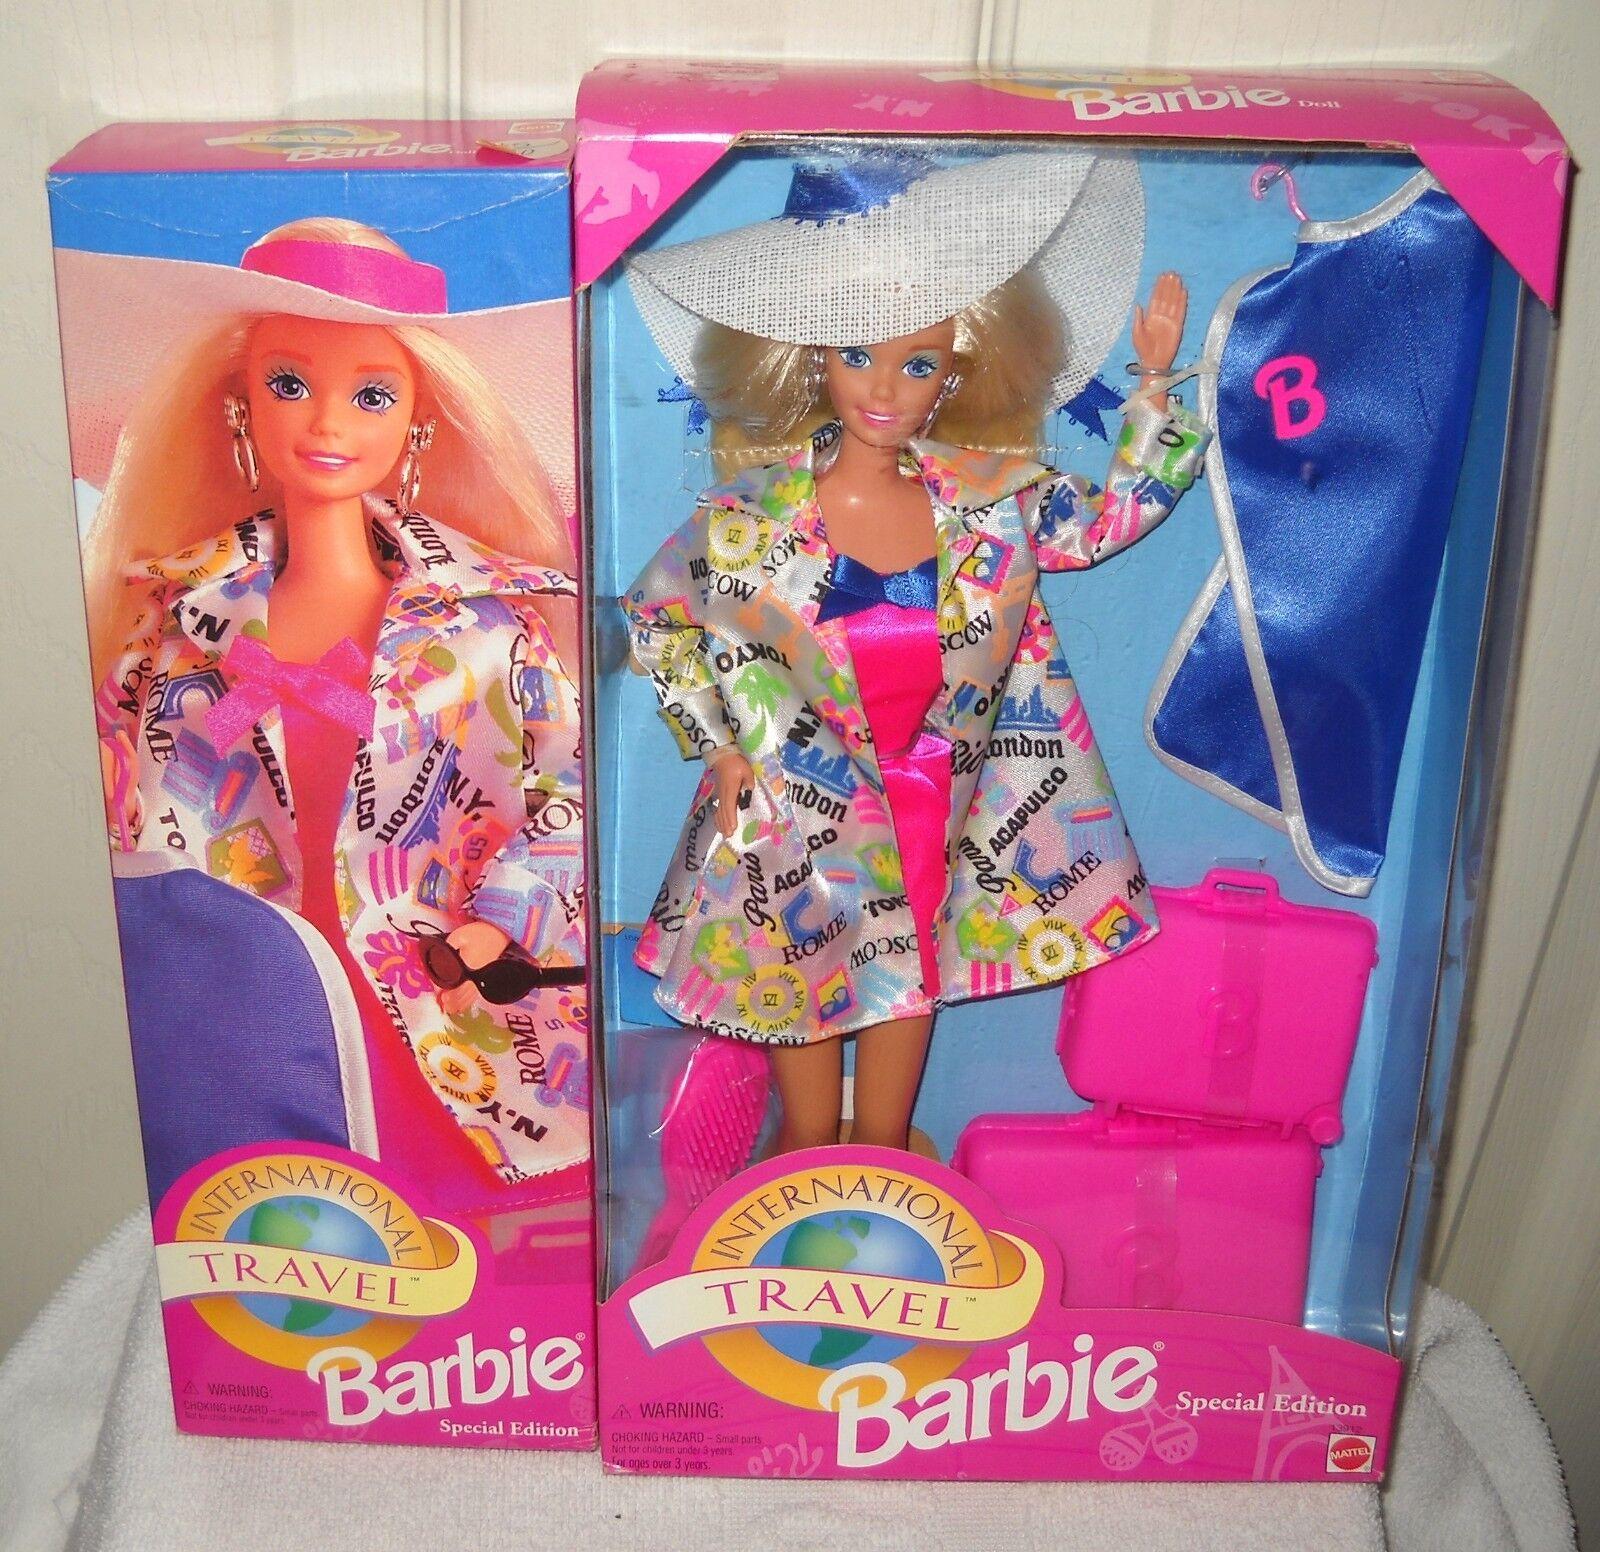 Nunca quitado de la Caja Mattel wessco International Travel Barbie en vuelo & tienda libre de impuestos